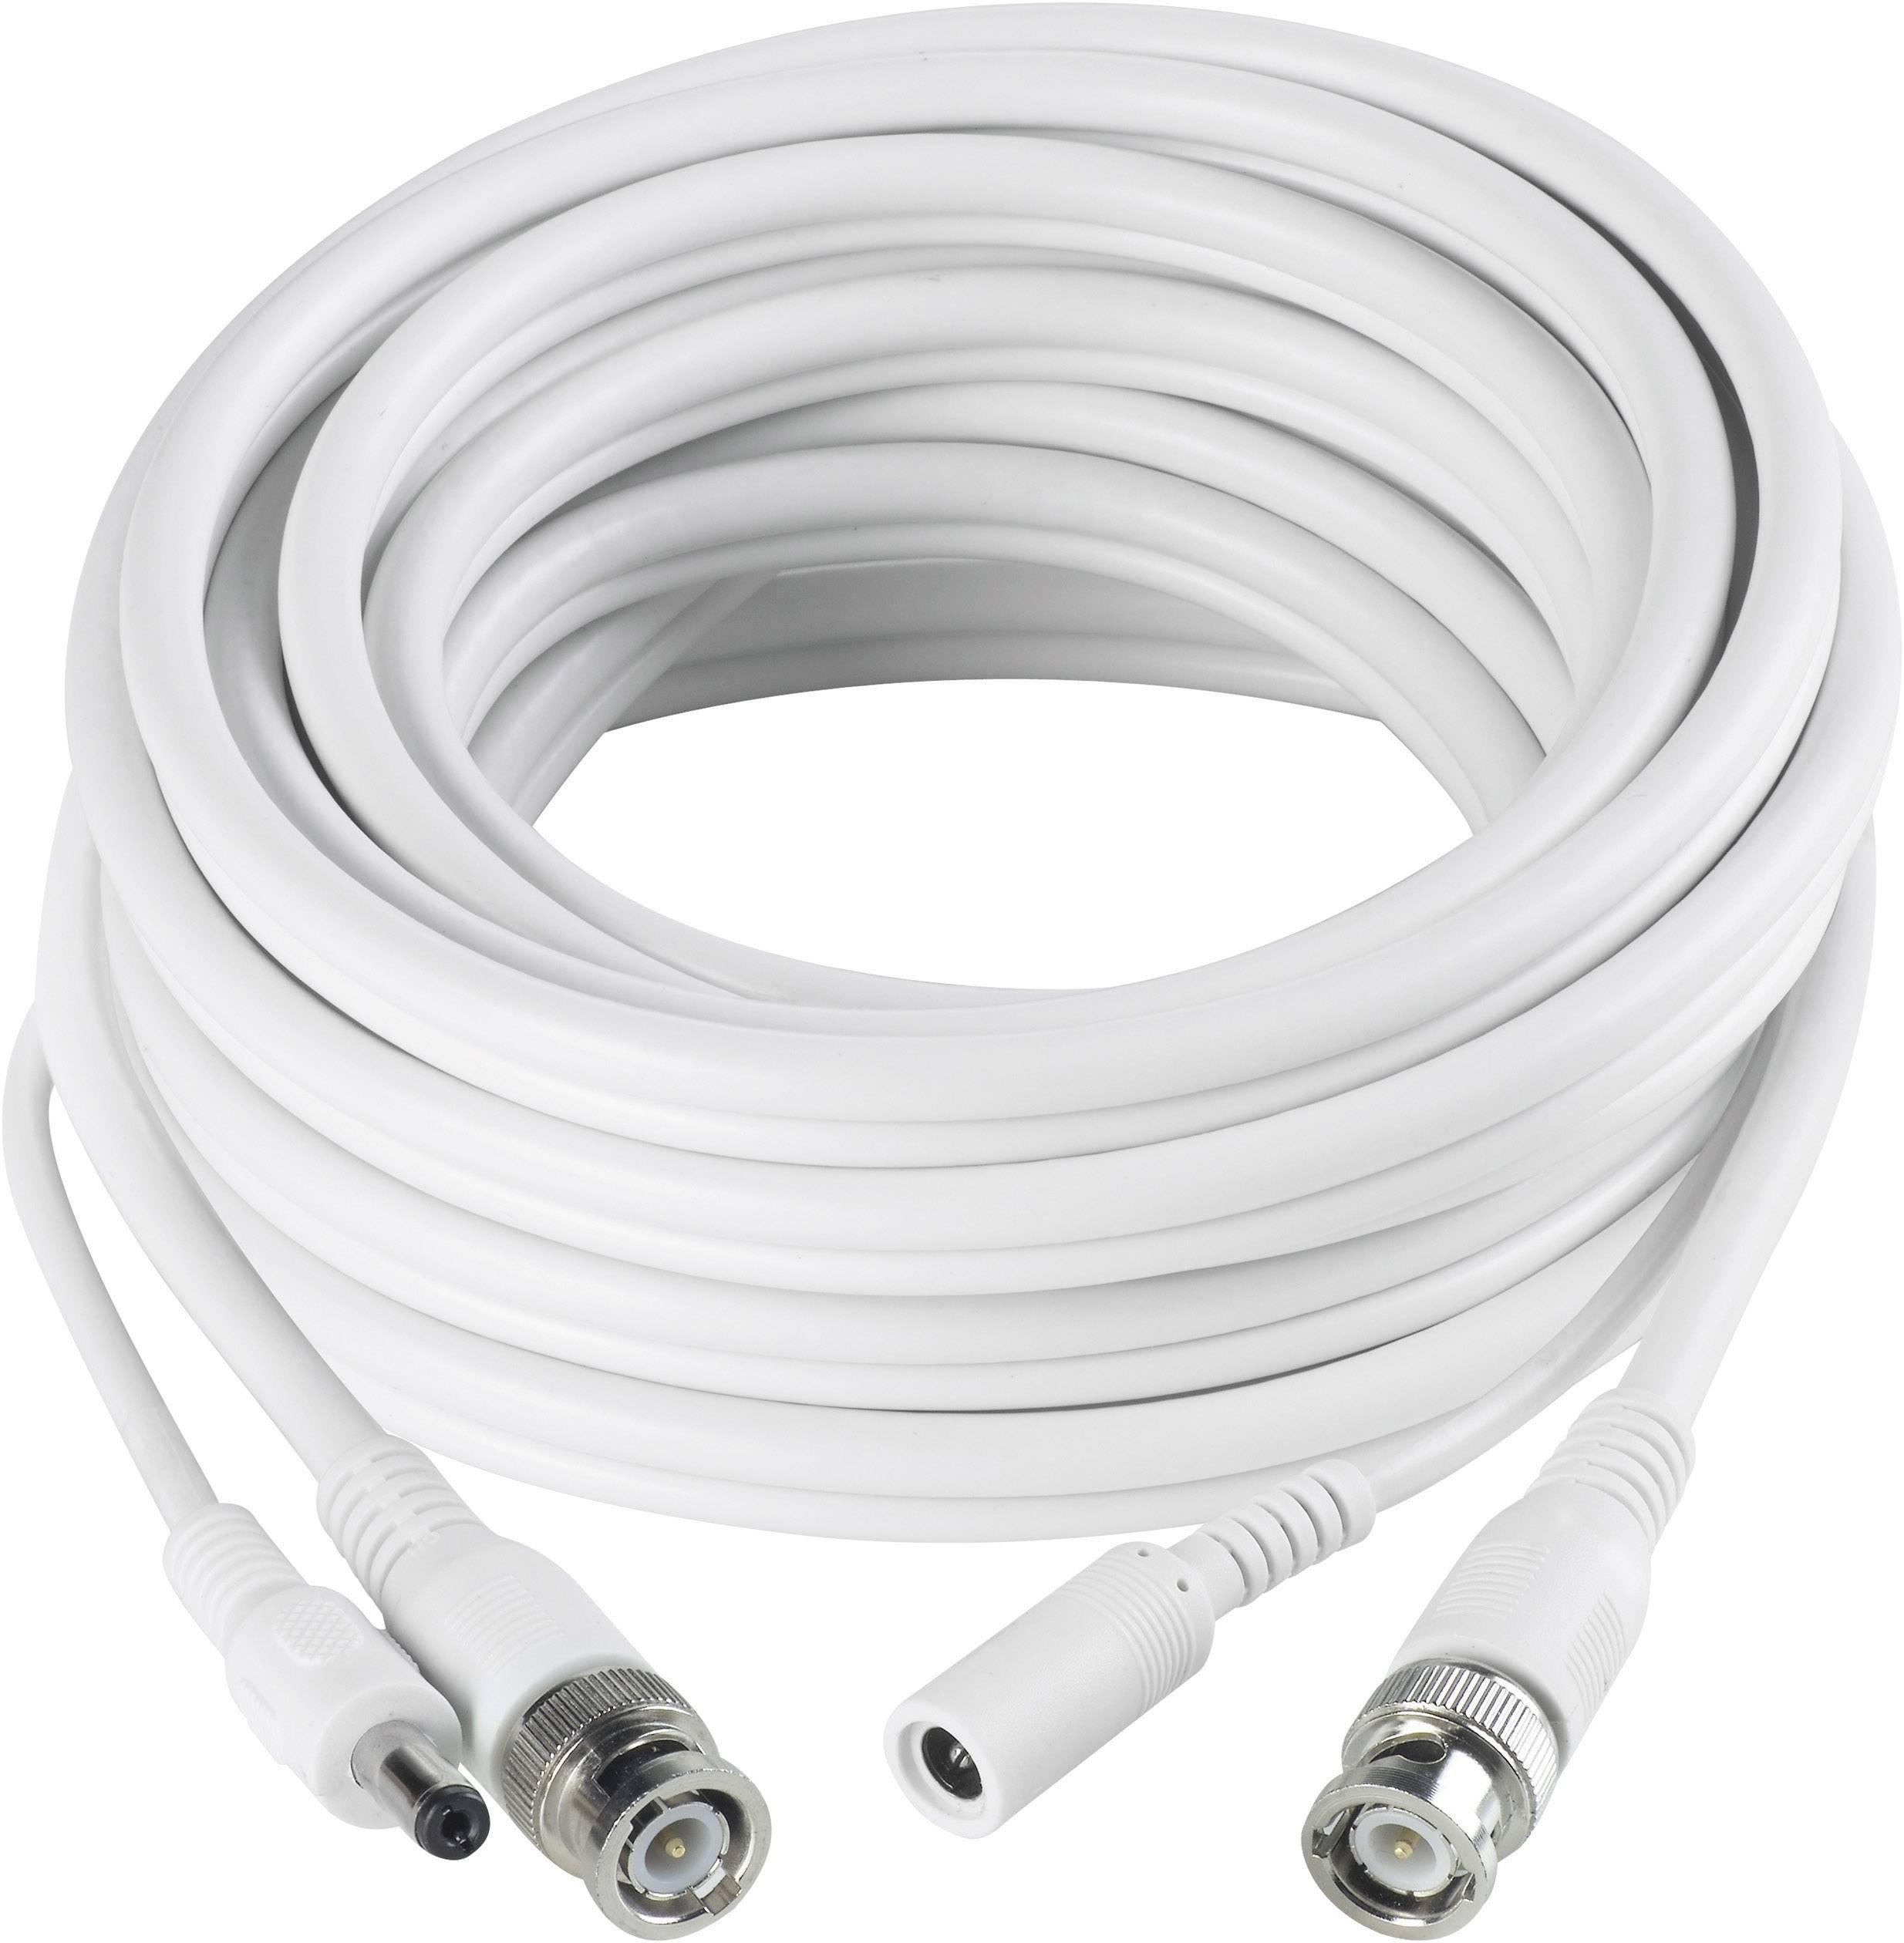 10m BNC Strom Audio Video Kabel Verlängerungskabel für CCTV Überwachungskameras